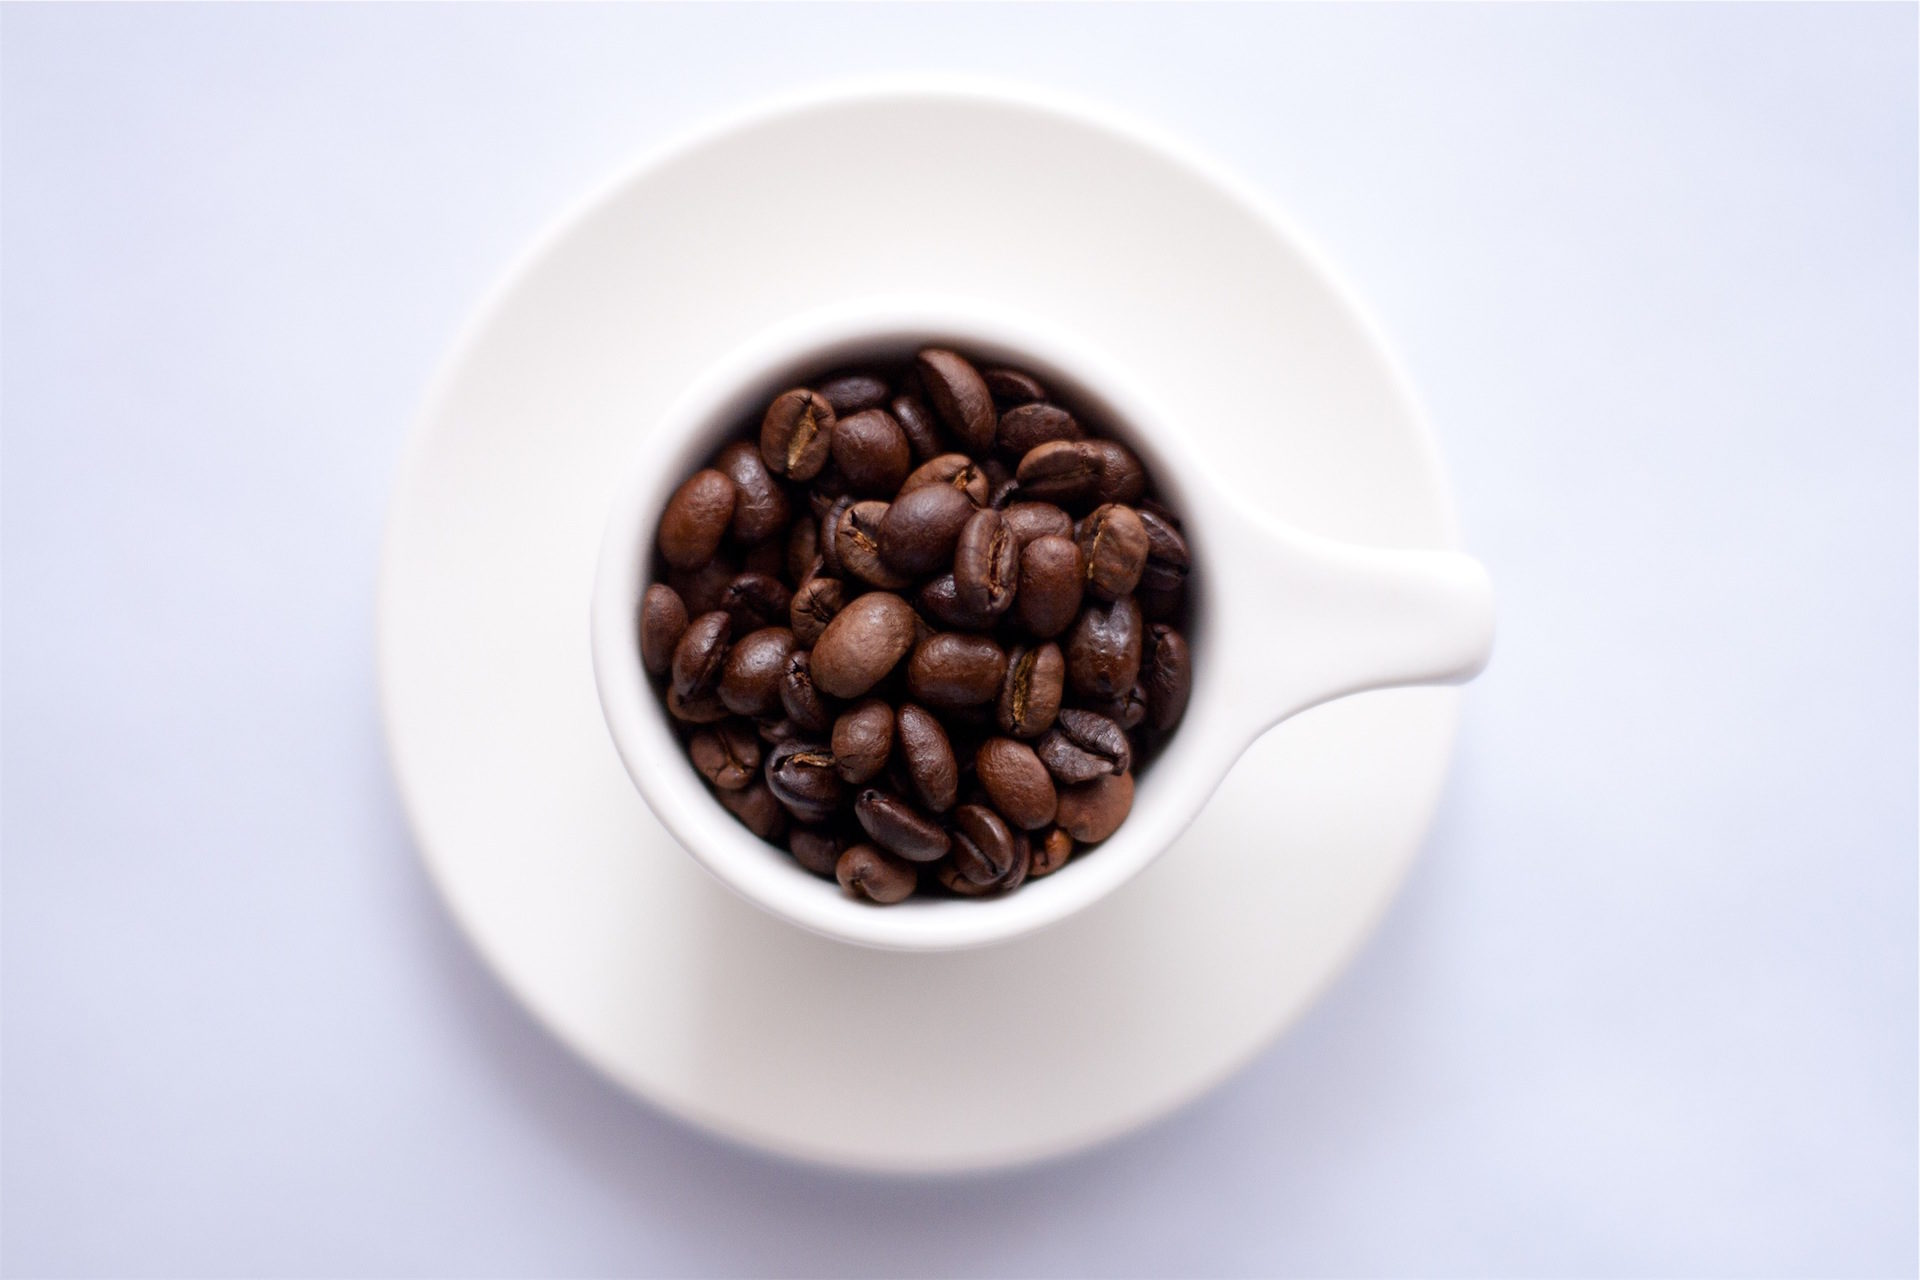 Copa, café, grãos, prato, Branco - Papéis de parede HD - Professor-falken.com